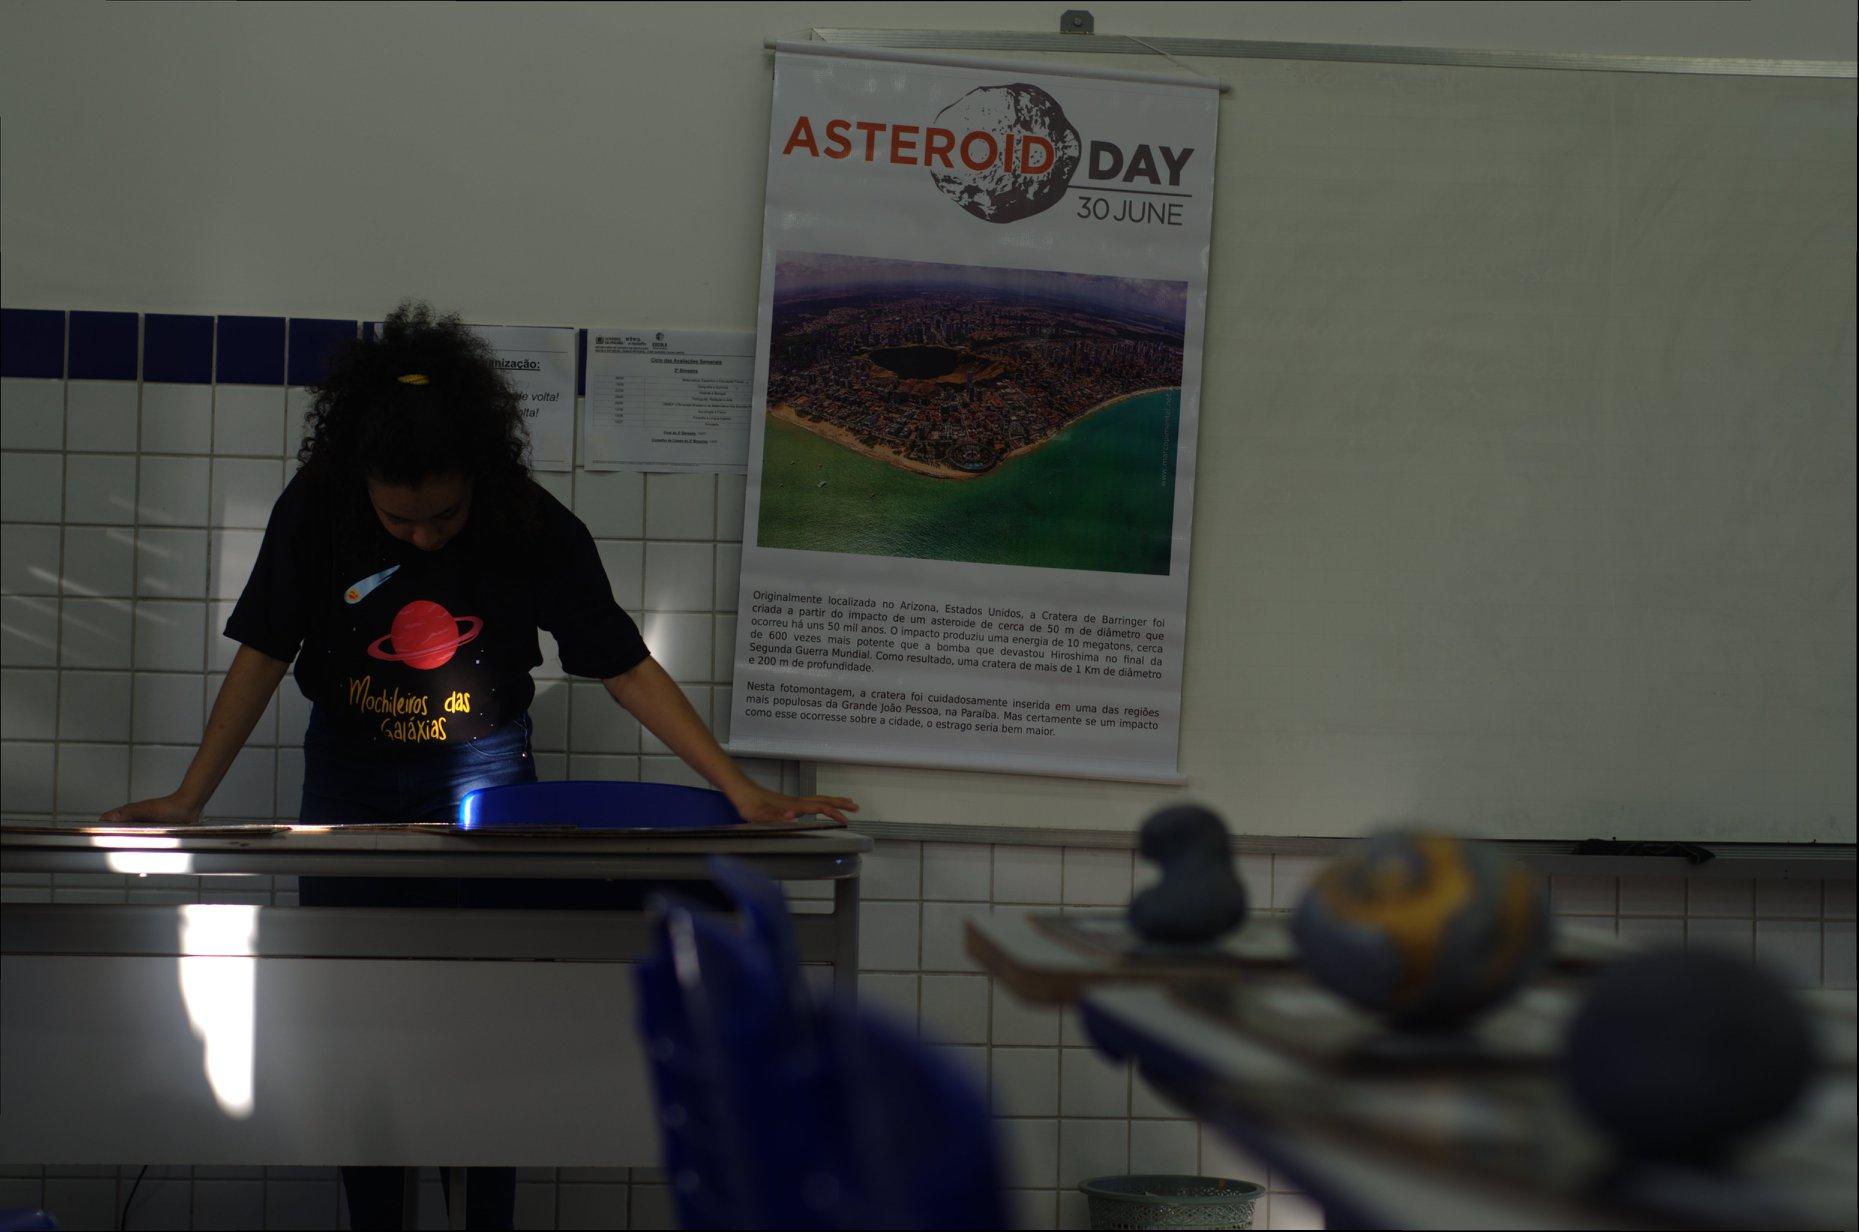 Exposição de modelos de asteroides